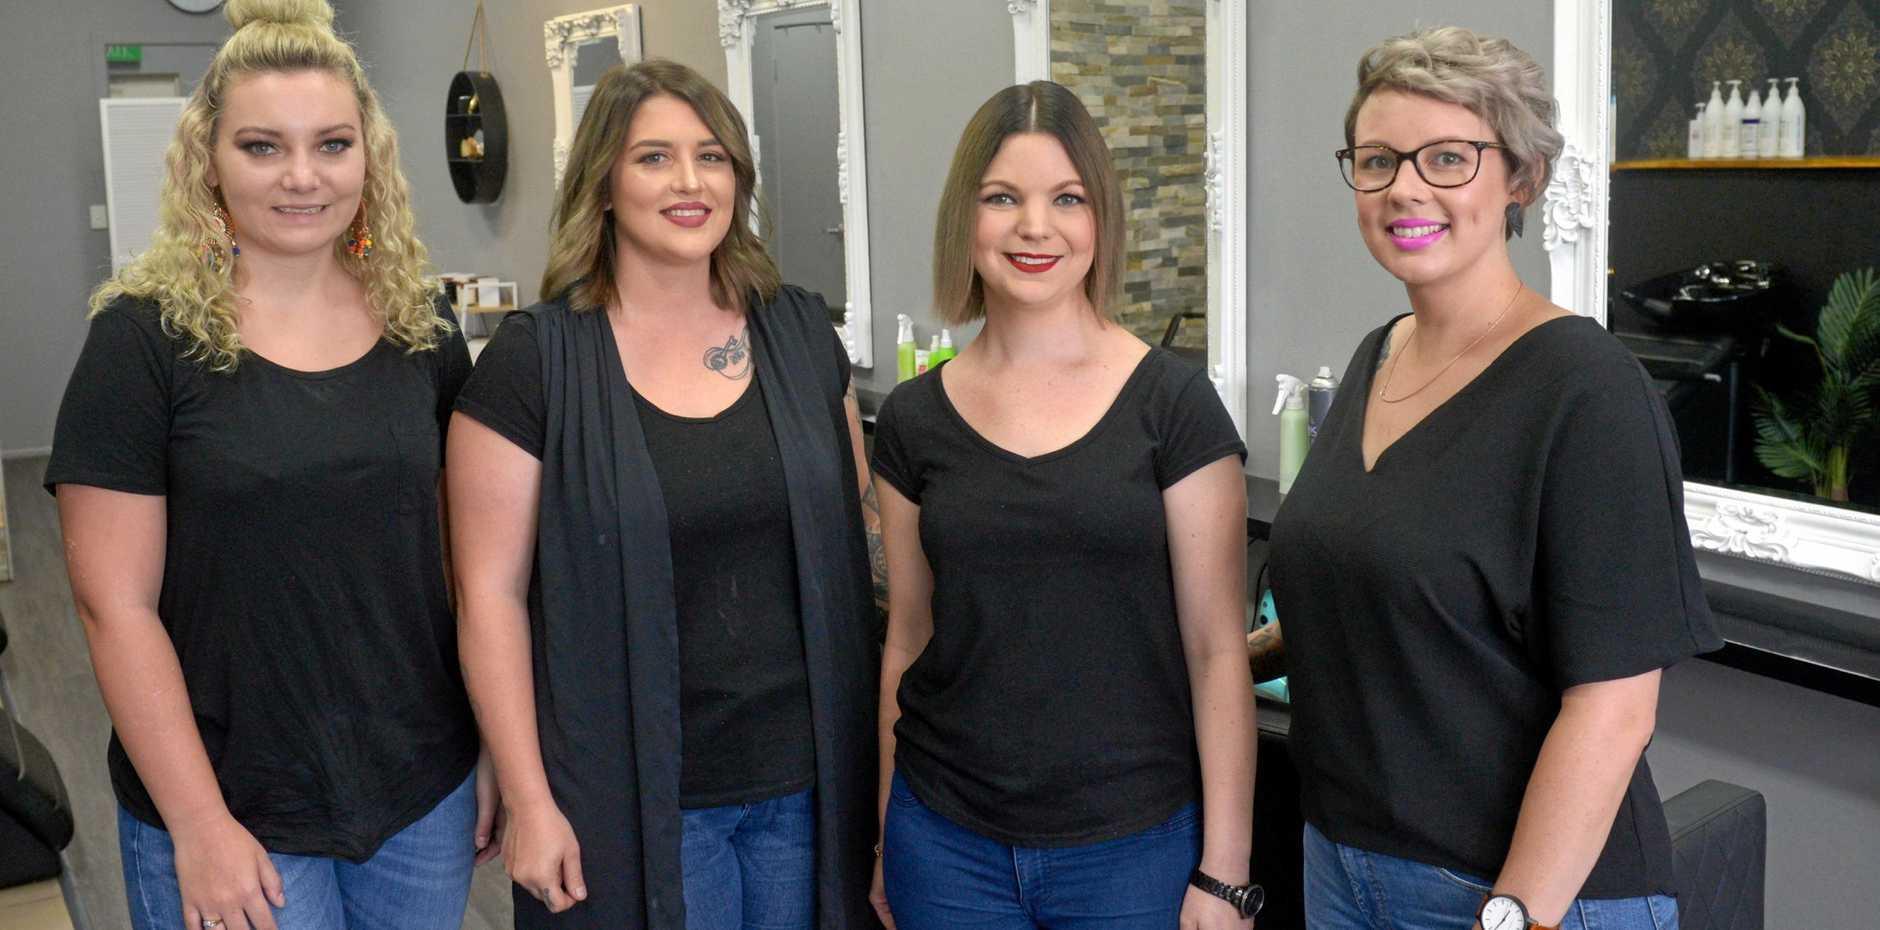 GIRL GANG: The girls at Mirror Mirror Hair and Beauty Room, Shanae Titmus, Chinara Hulls, Carmen Thompson and Kate Bimrose